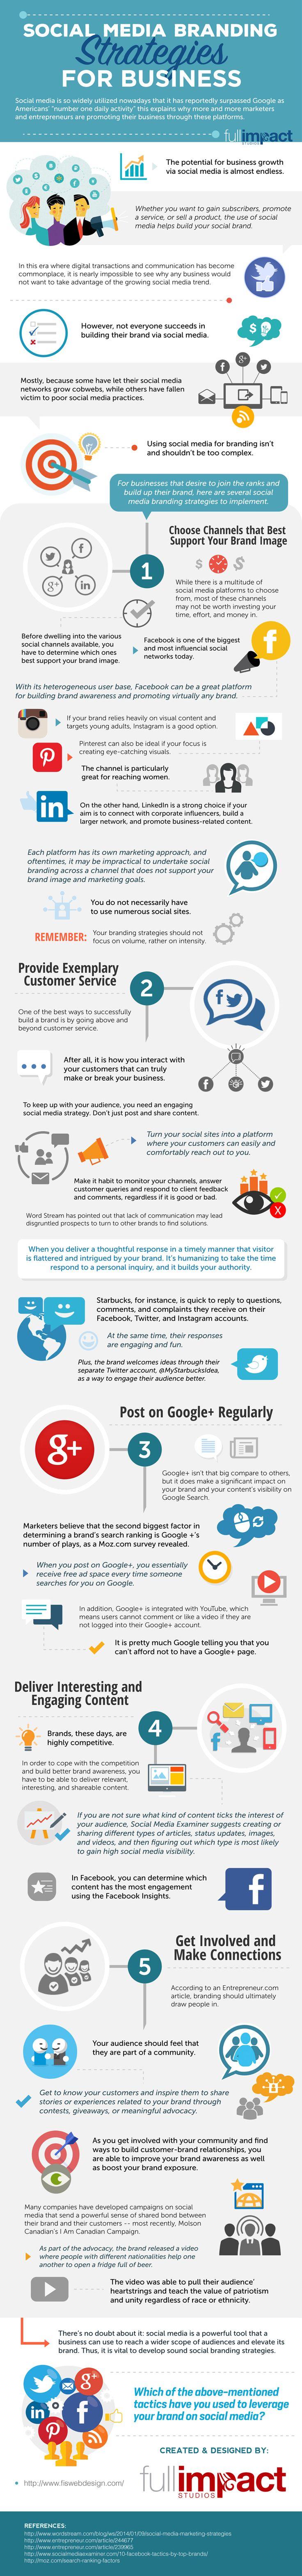 5 Social Media Branding Strategies for Business [INFOGRAPHIC]